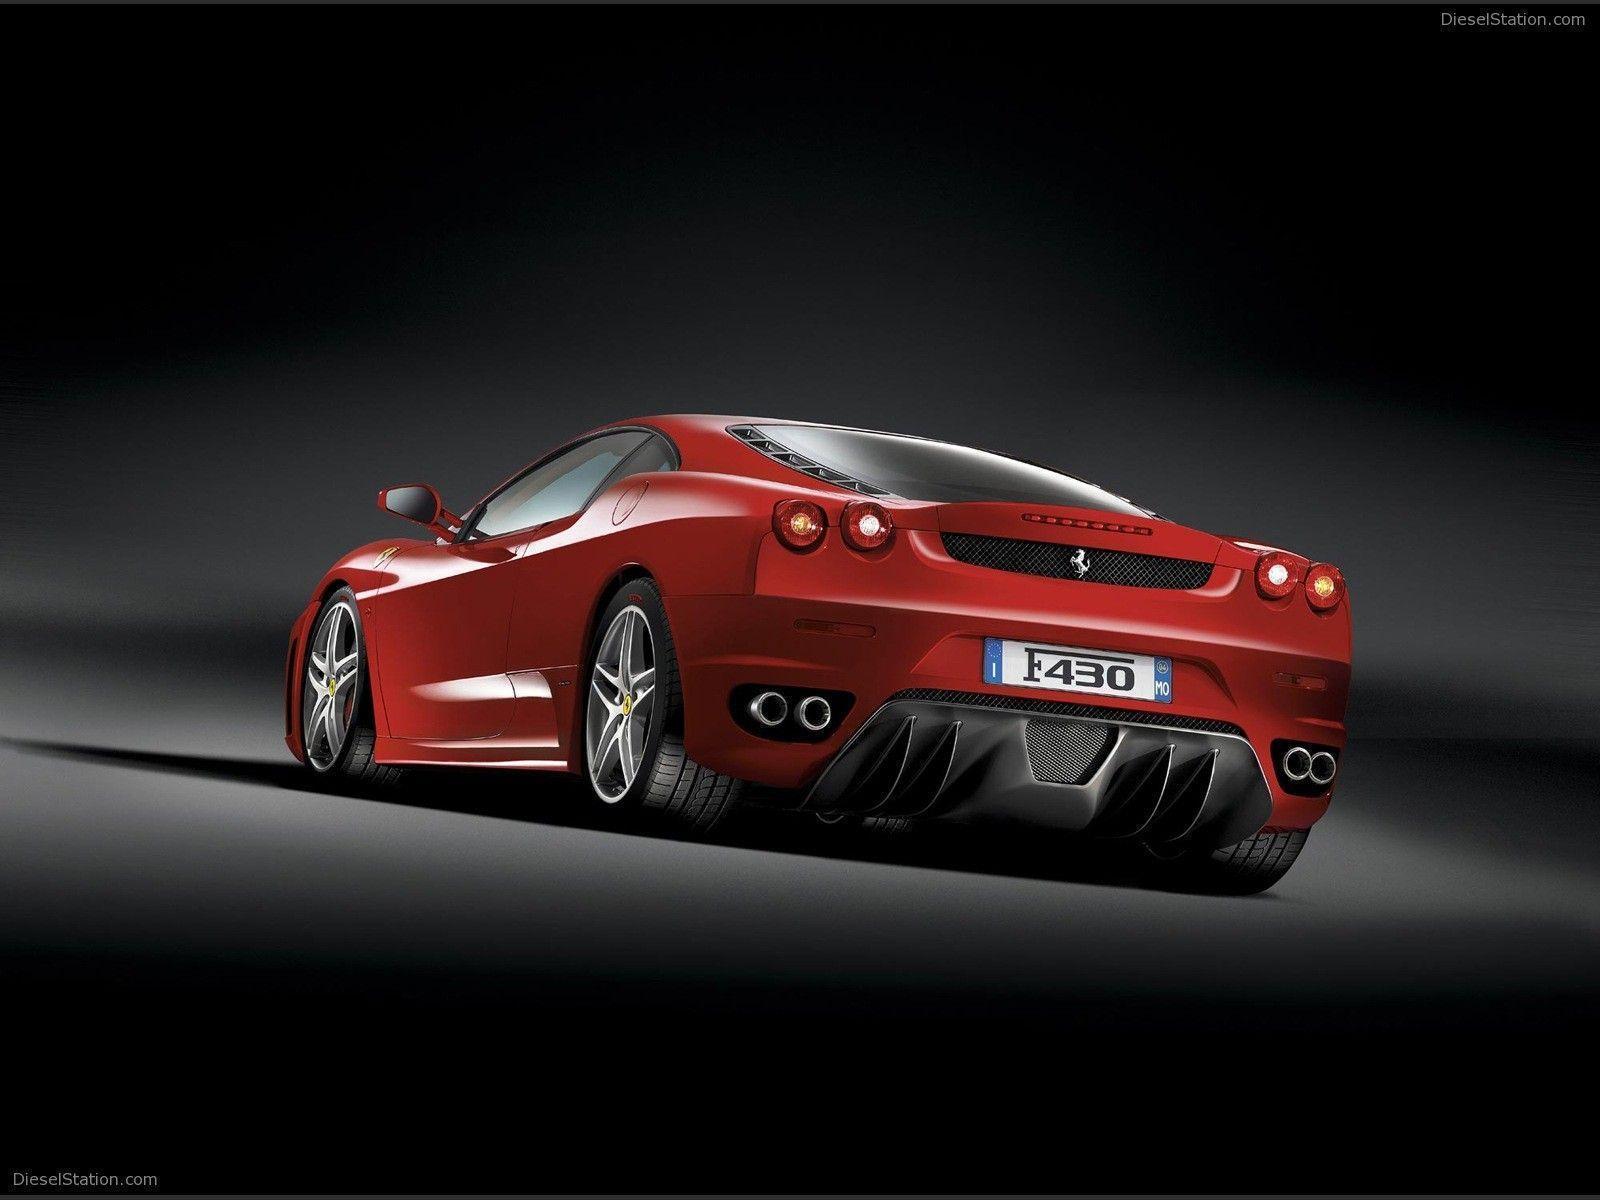 View Ferrari F430 Nature Wallpaper  Pics